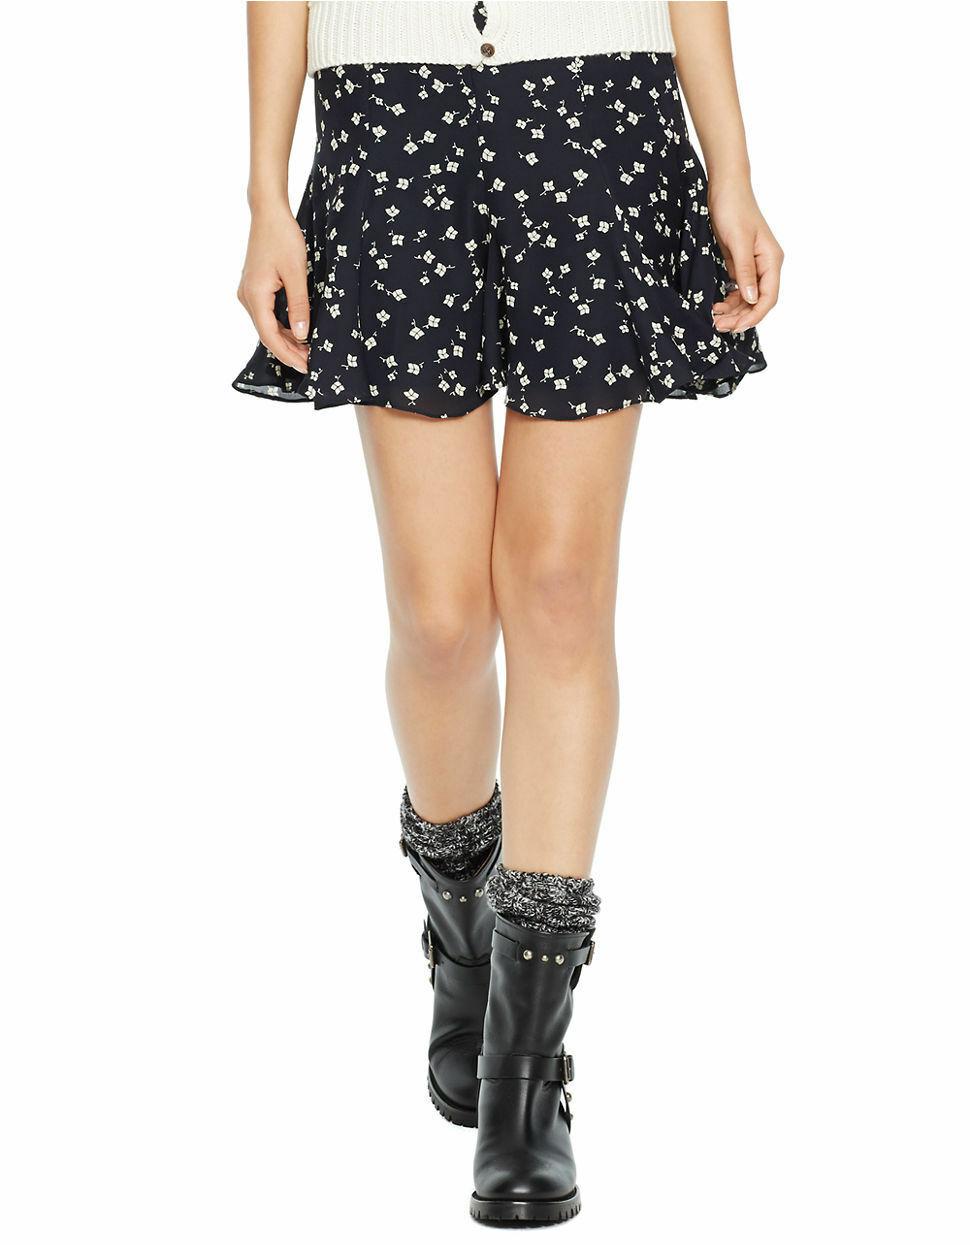 Polo Ralph Lauren Ditsy Kite Penelope Flared Mini Skirt Sz 14 Dark bluee  245 New